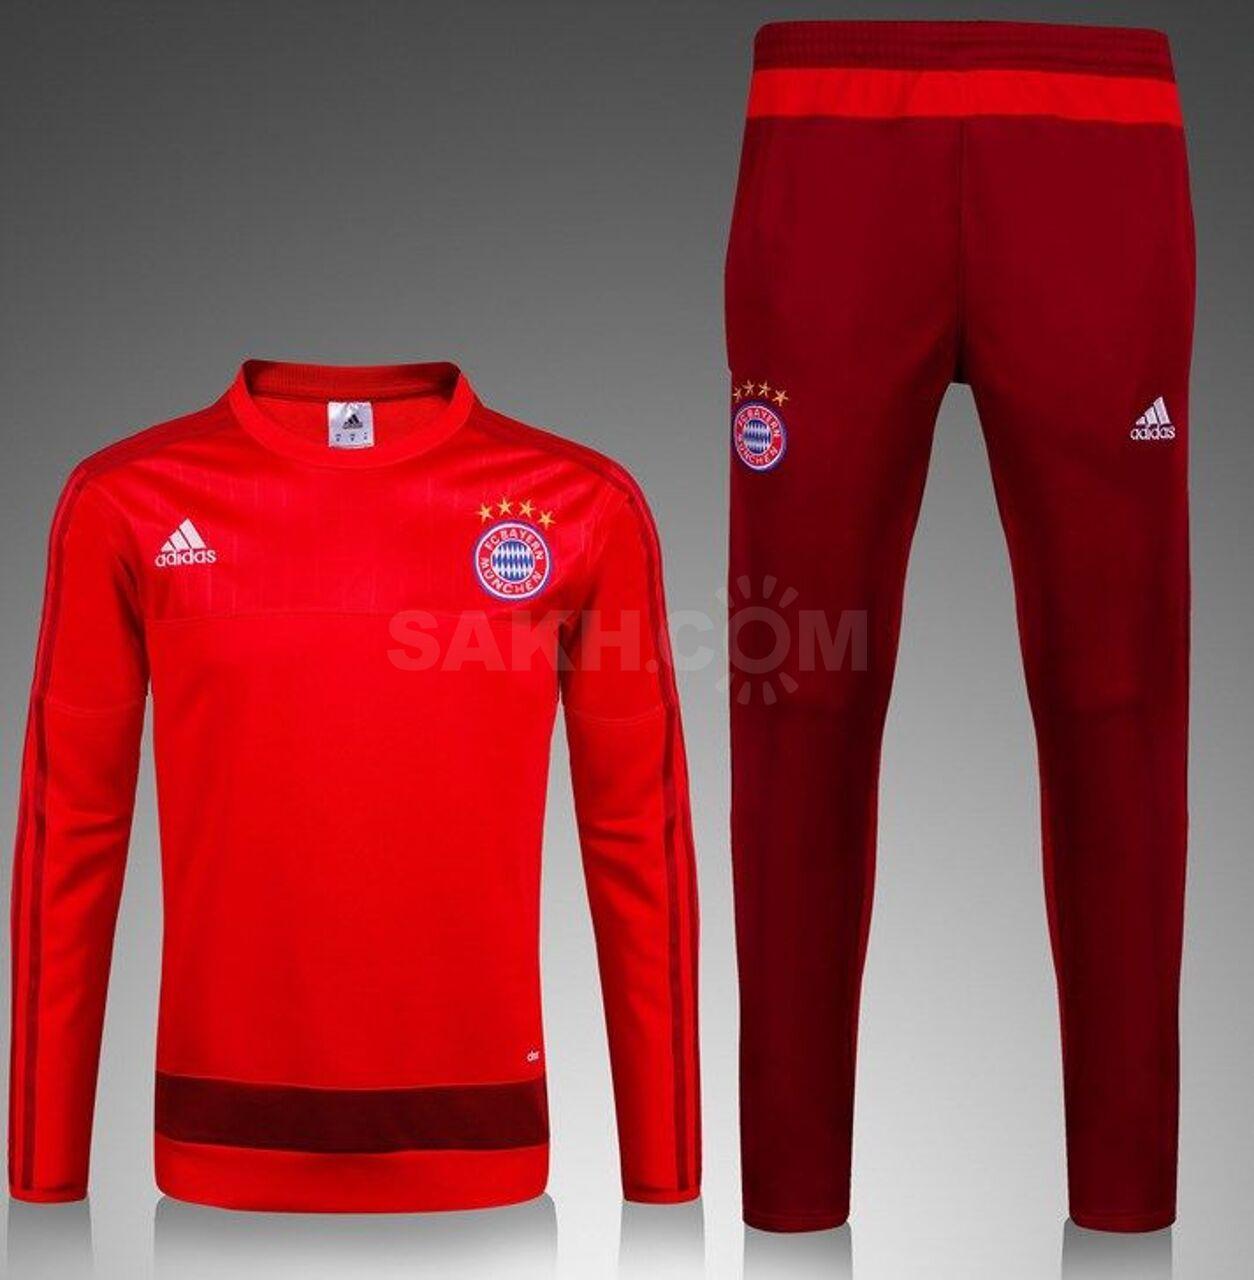 Одежда футбольного клуба бавария мюнхен